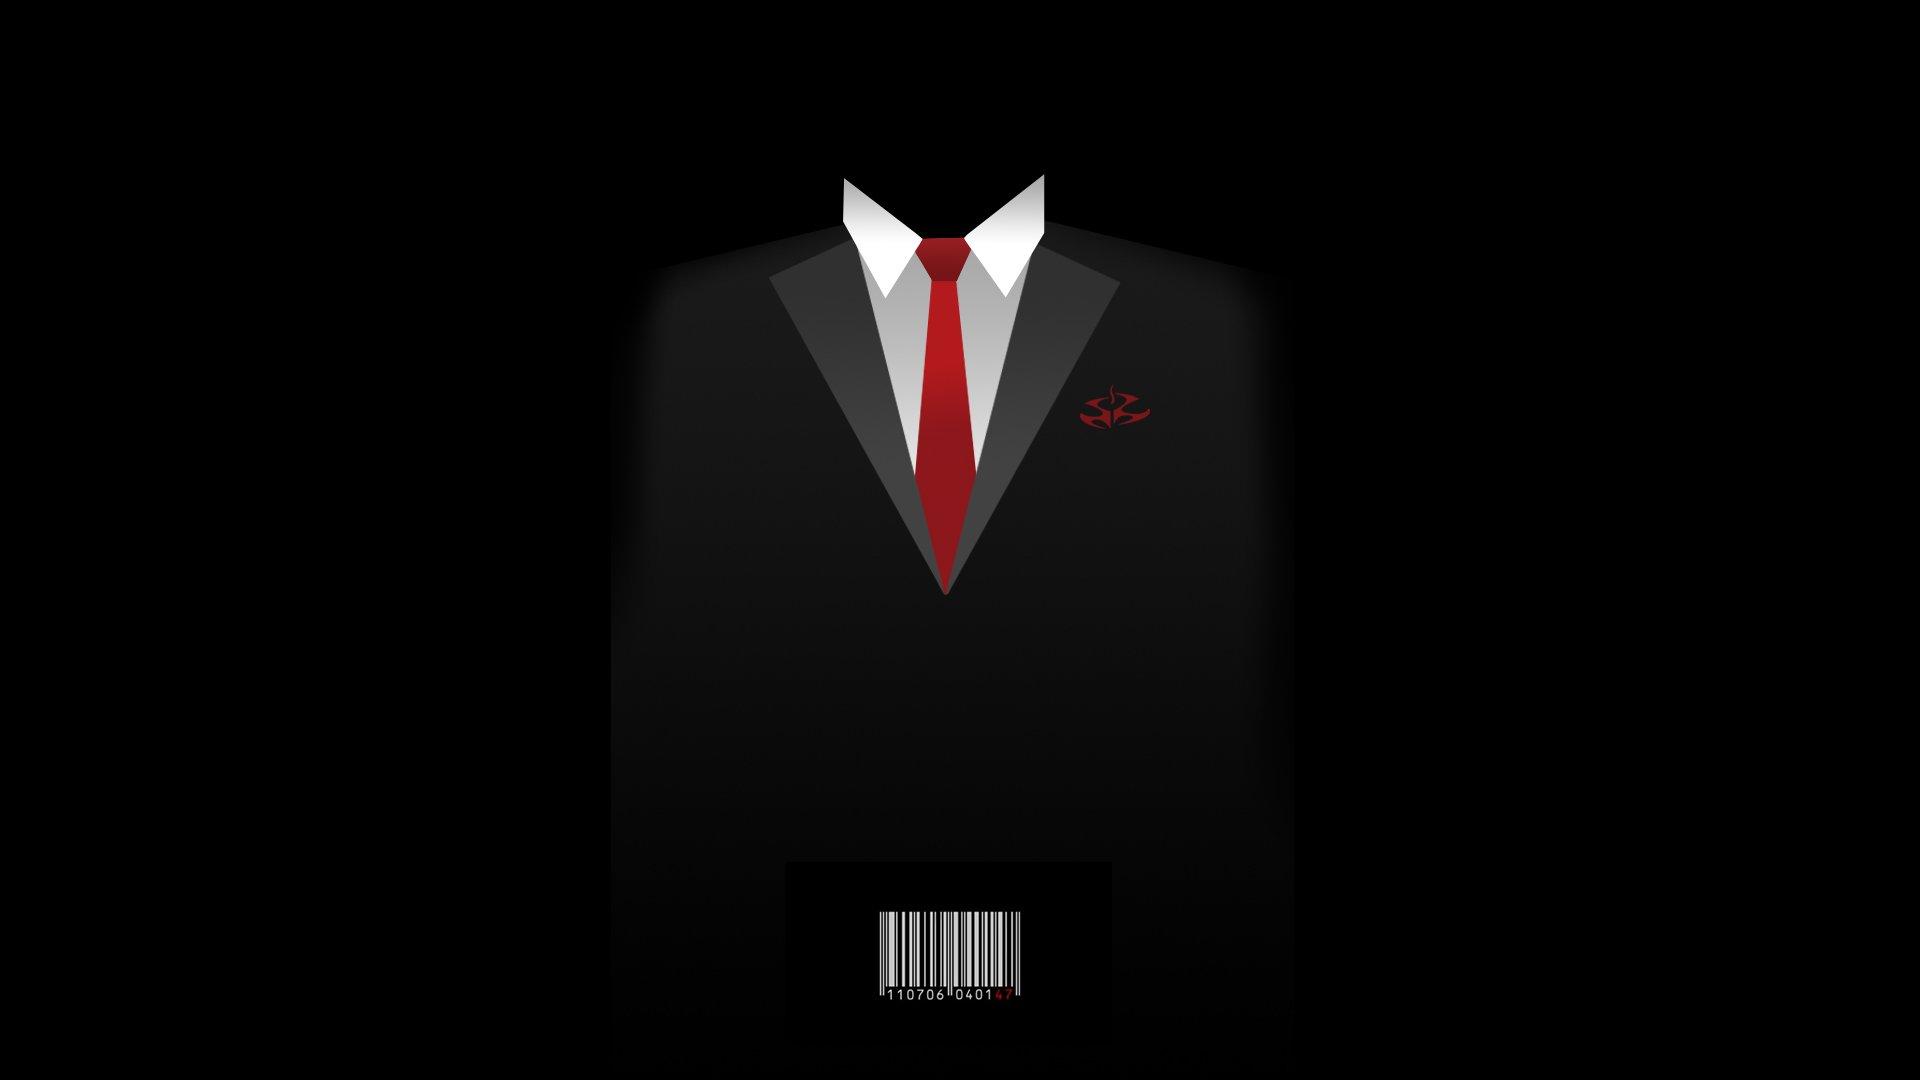 трещал, картинка пиджак с галстуком вместо